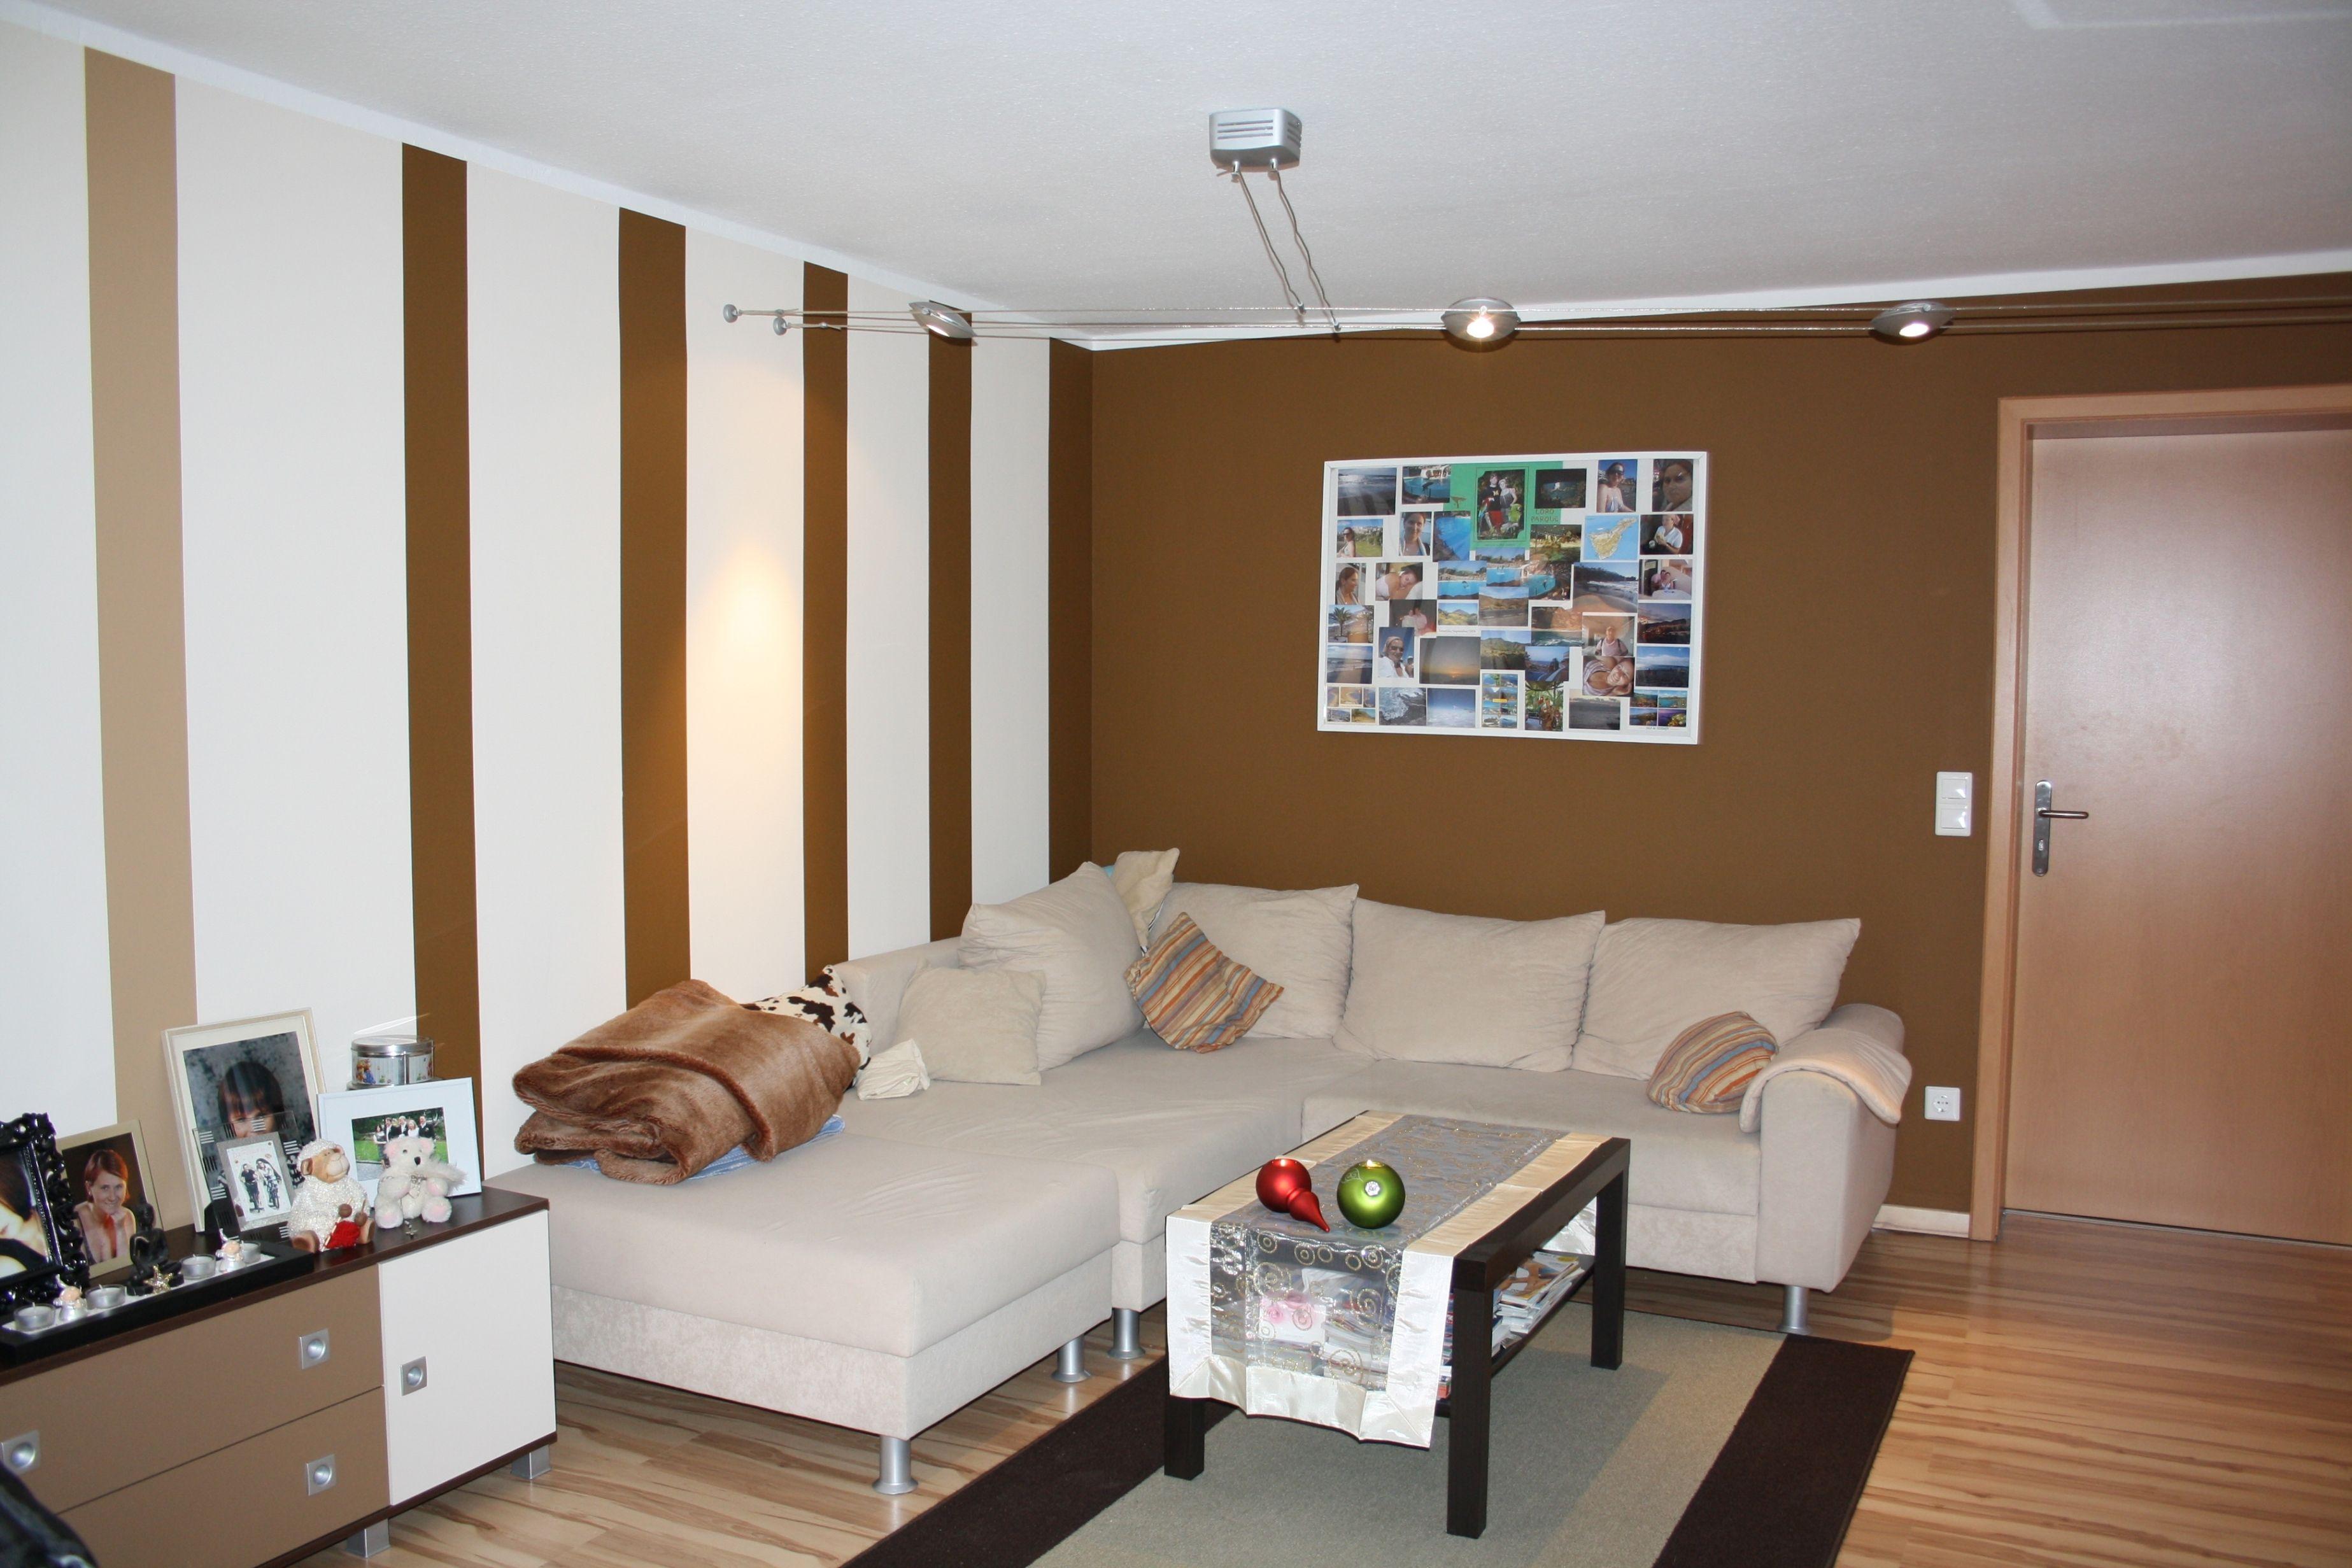 Stilvoll Ideen Wohnzimmer ~ Stilvoll wohnzimmer 23 wohnzimmer ideen pinterest stilvolle